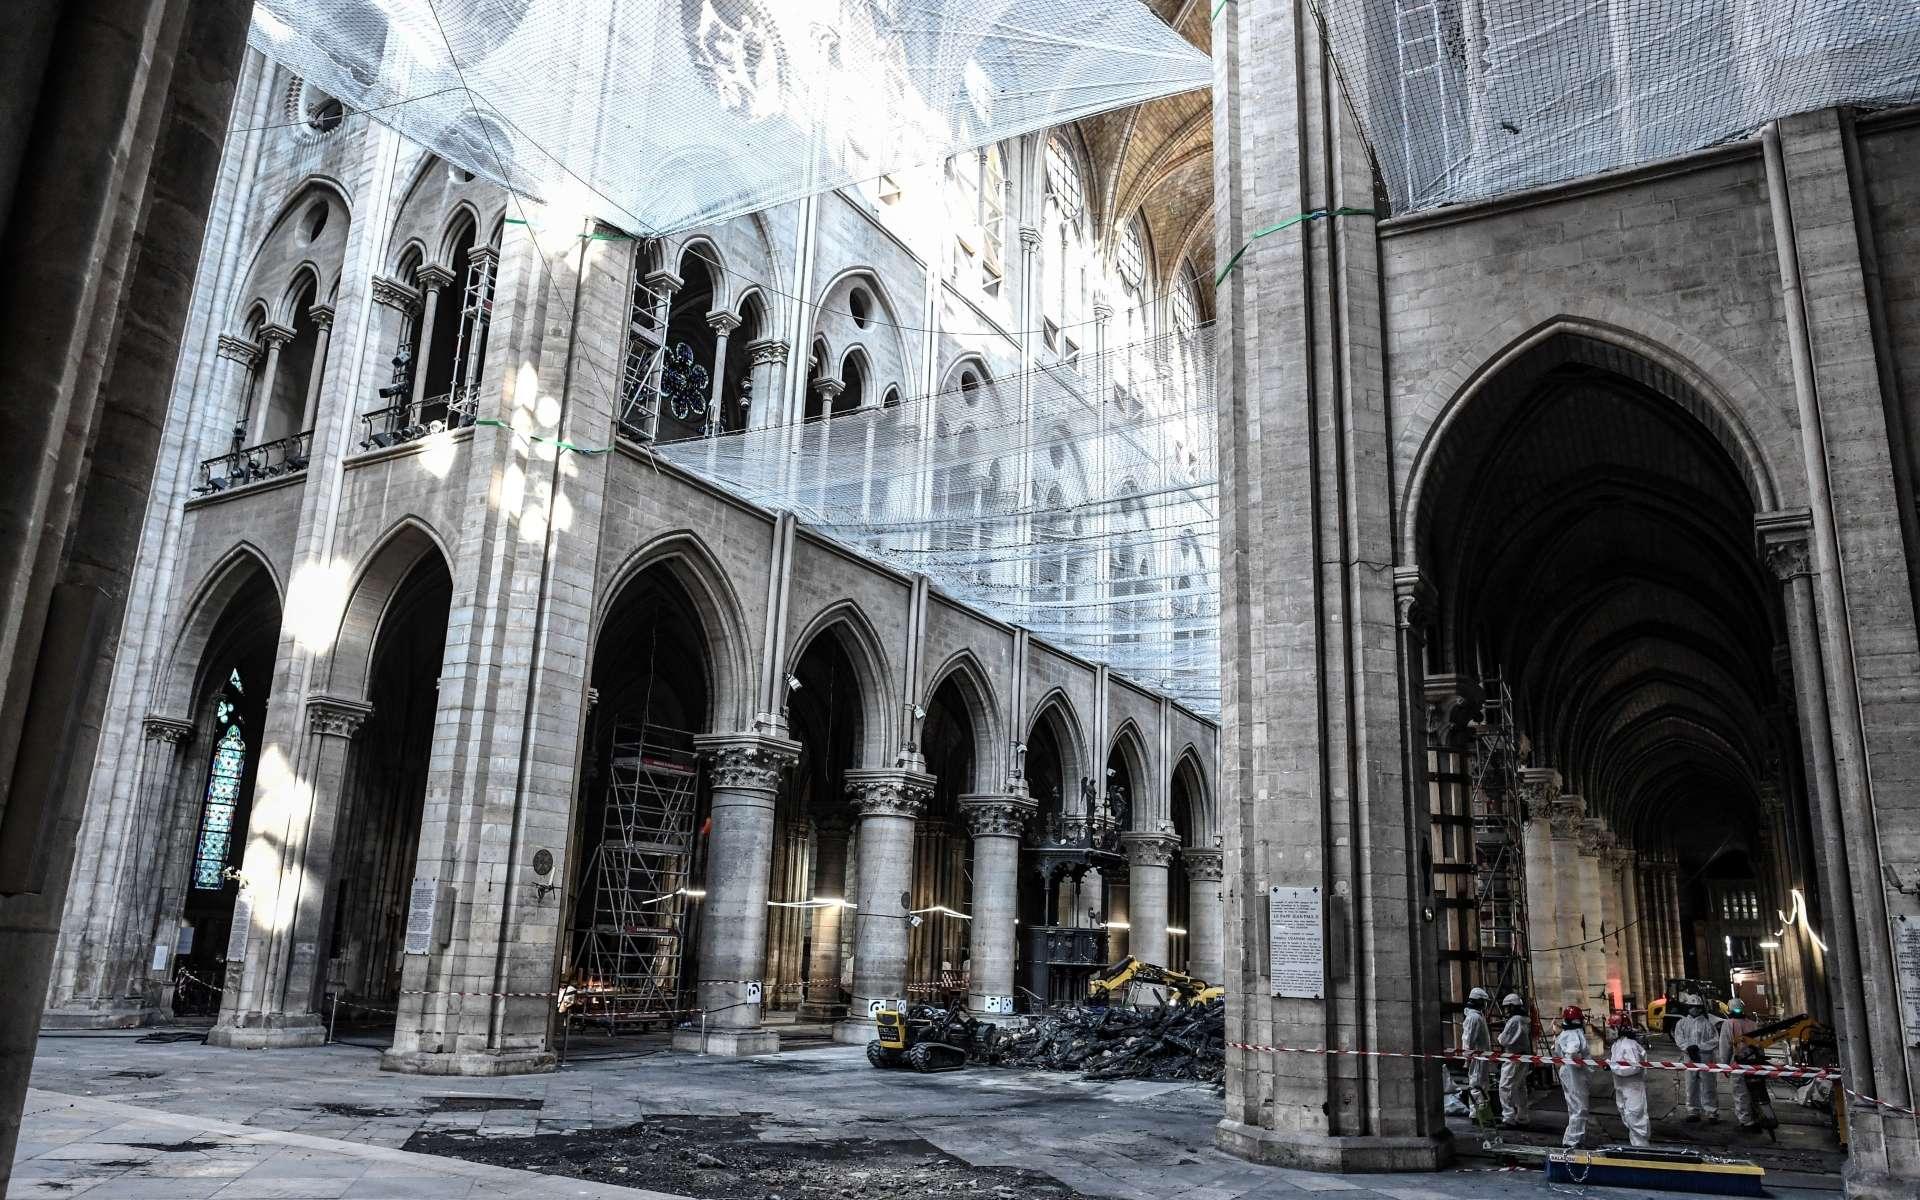 L'emblématique cathédrale de Notre-Dame de Paris était ravagée par un incendie mi-avril 2019. © Stéphane de Sakutin, Pool, AFP